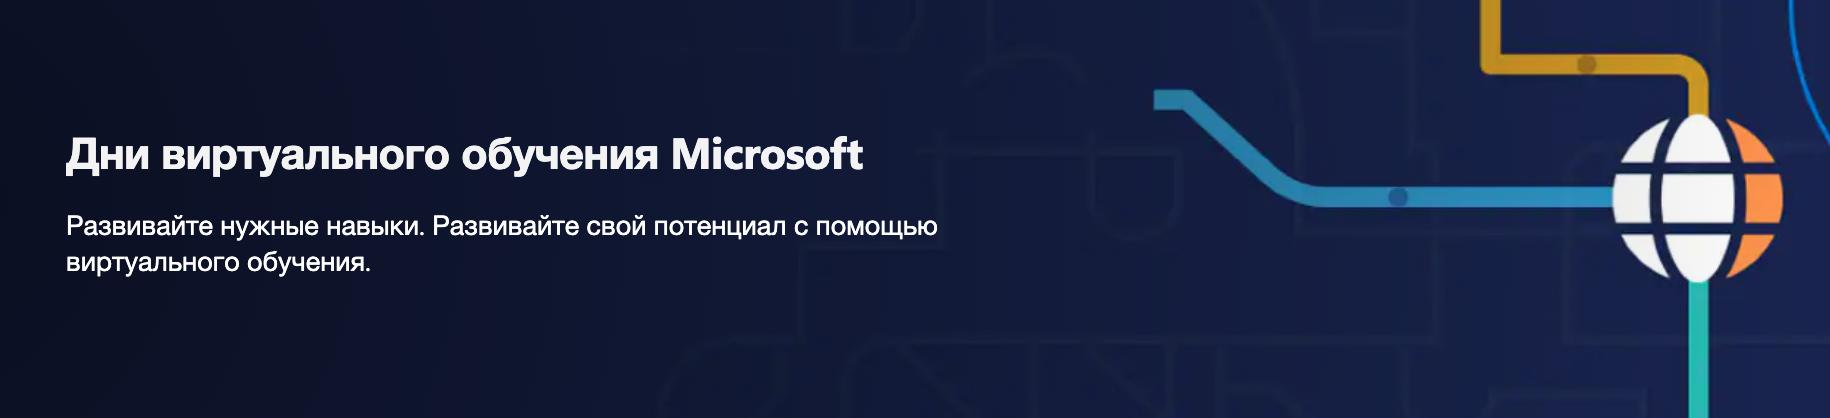 Бесплатные тренинги по Microsoft Azure в октябре